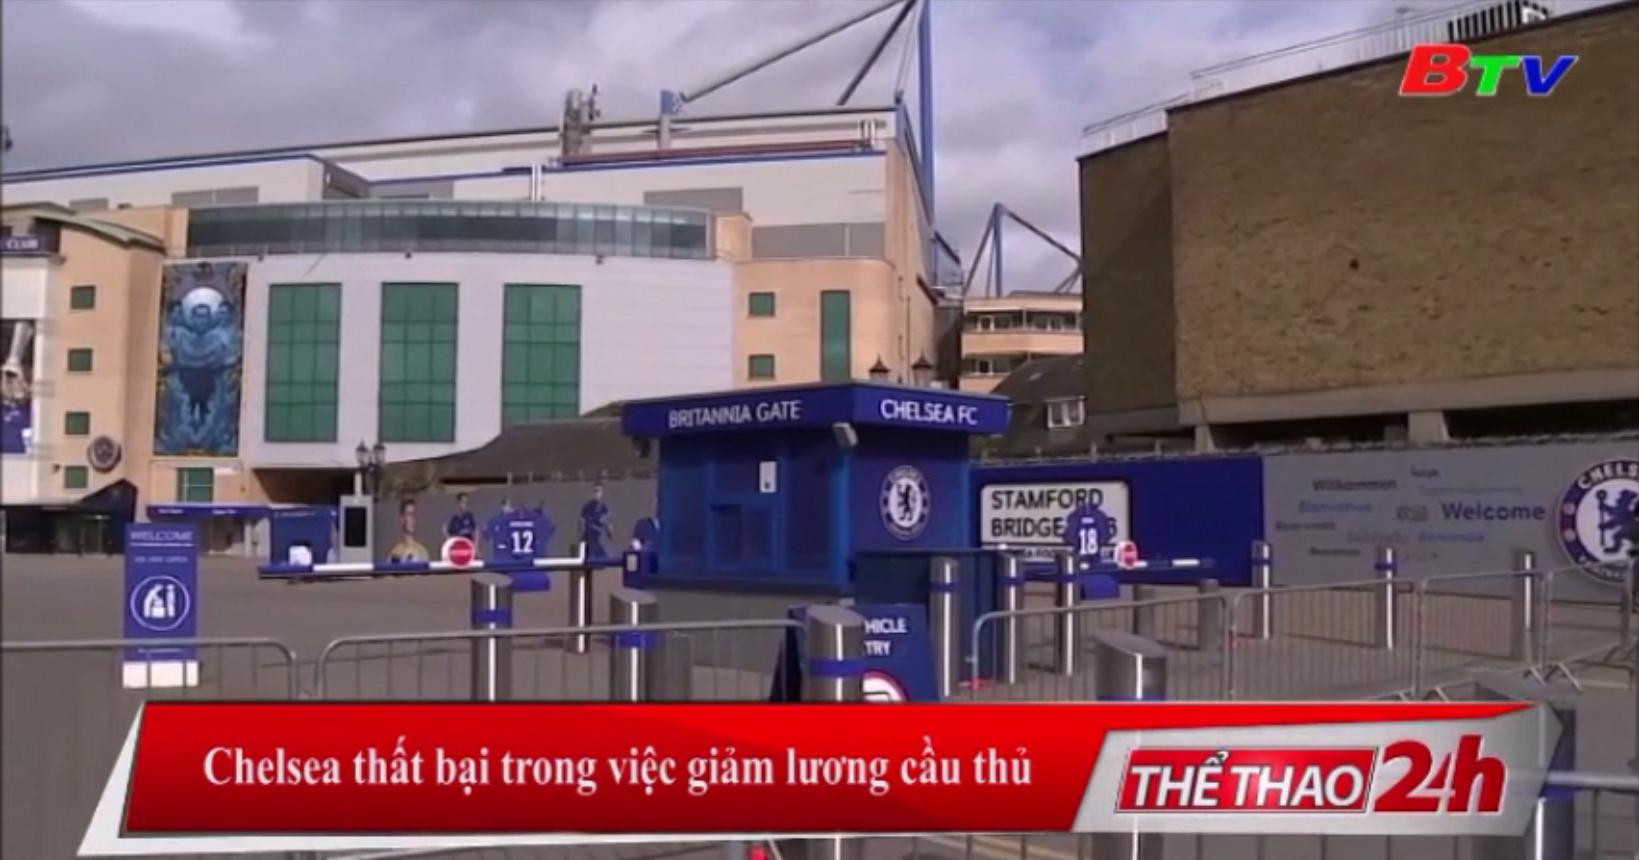 Chelsea thất bại trong việc giảm lương cầu thủ